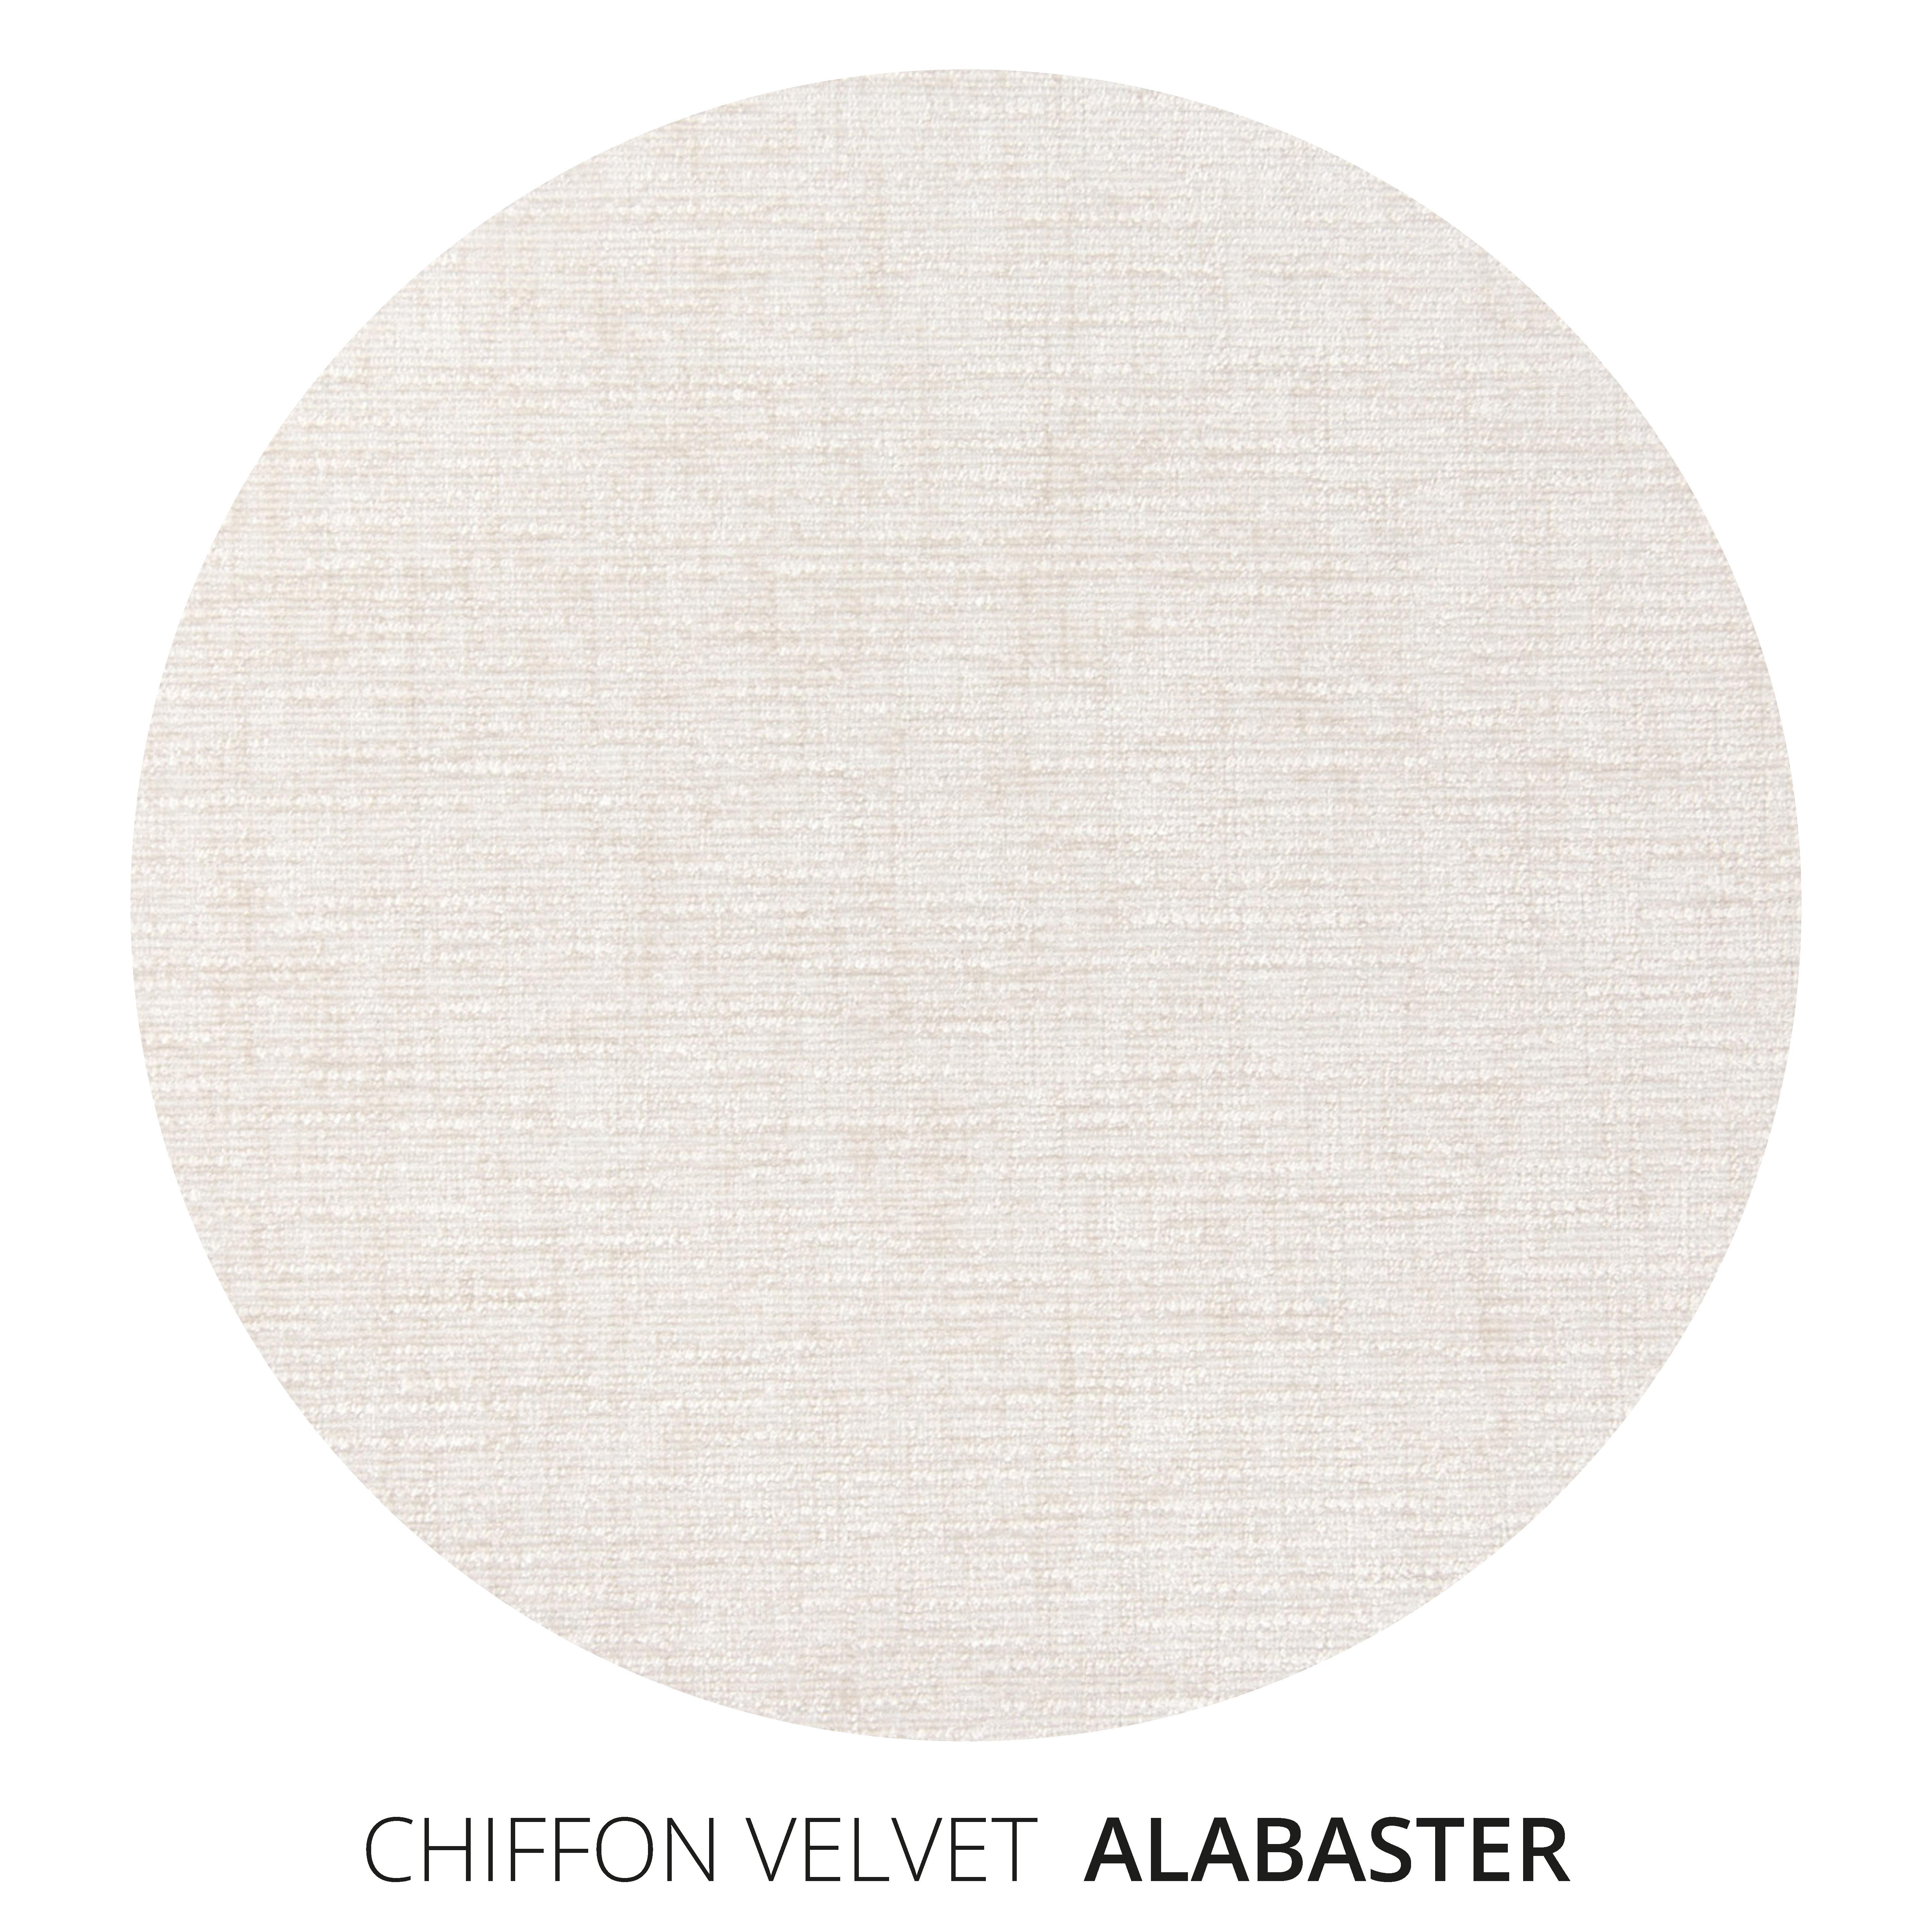 Alabaster Chiffon Velvet Swatch